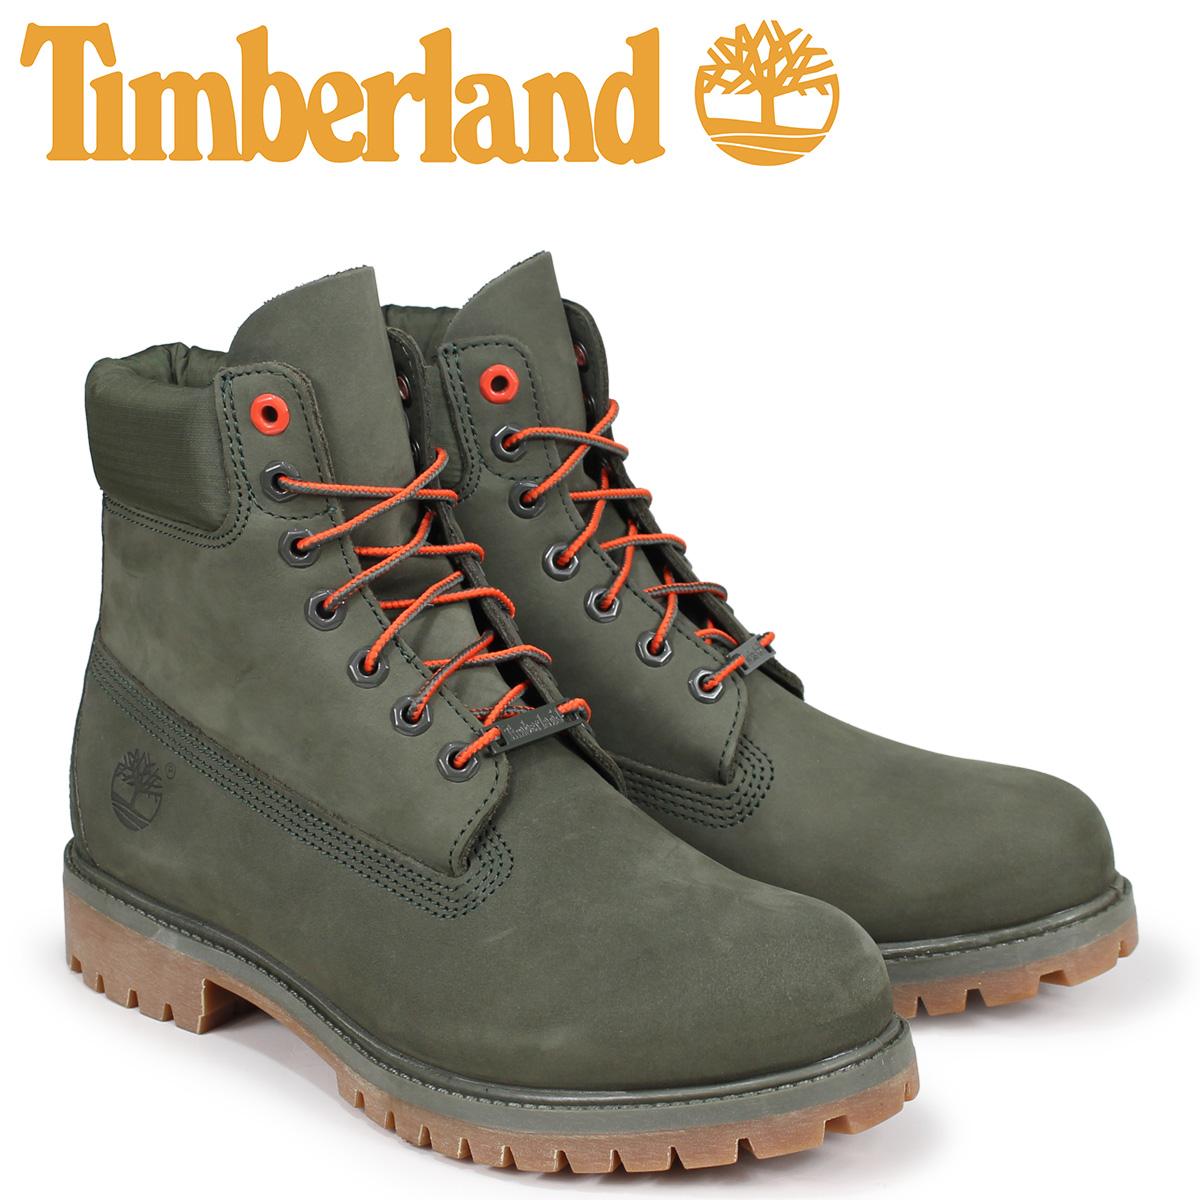 ティンバーランド Timberland ブーツ メンズ 6インチ 6-INCH PREMIUM BOOTS A1QY1 Wワイズ グリーン